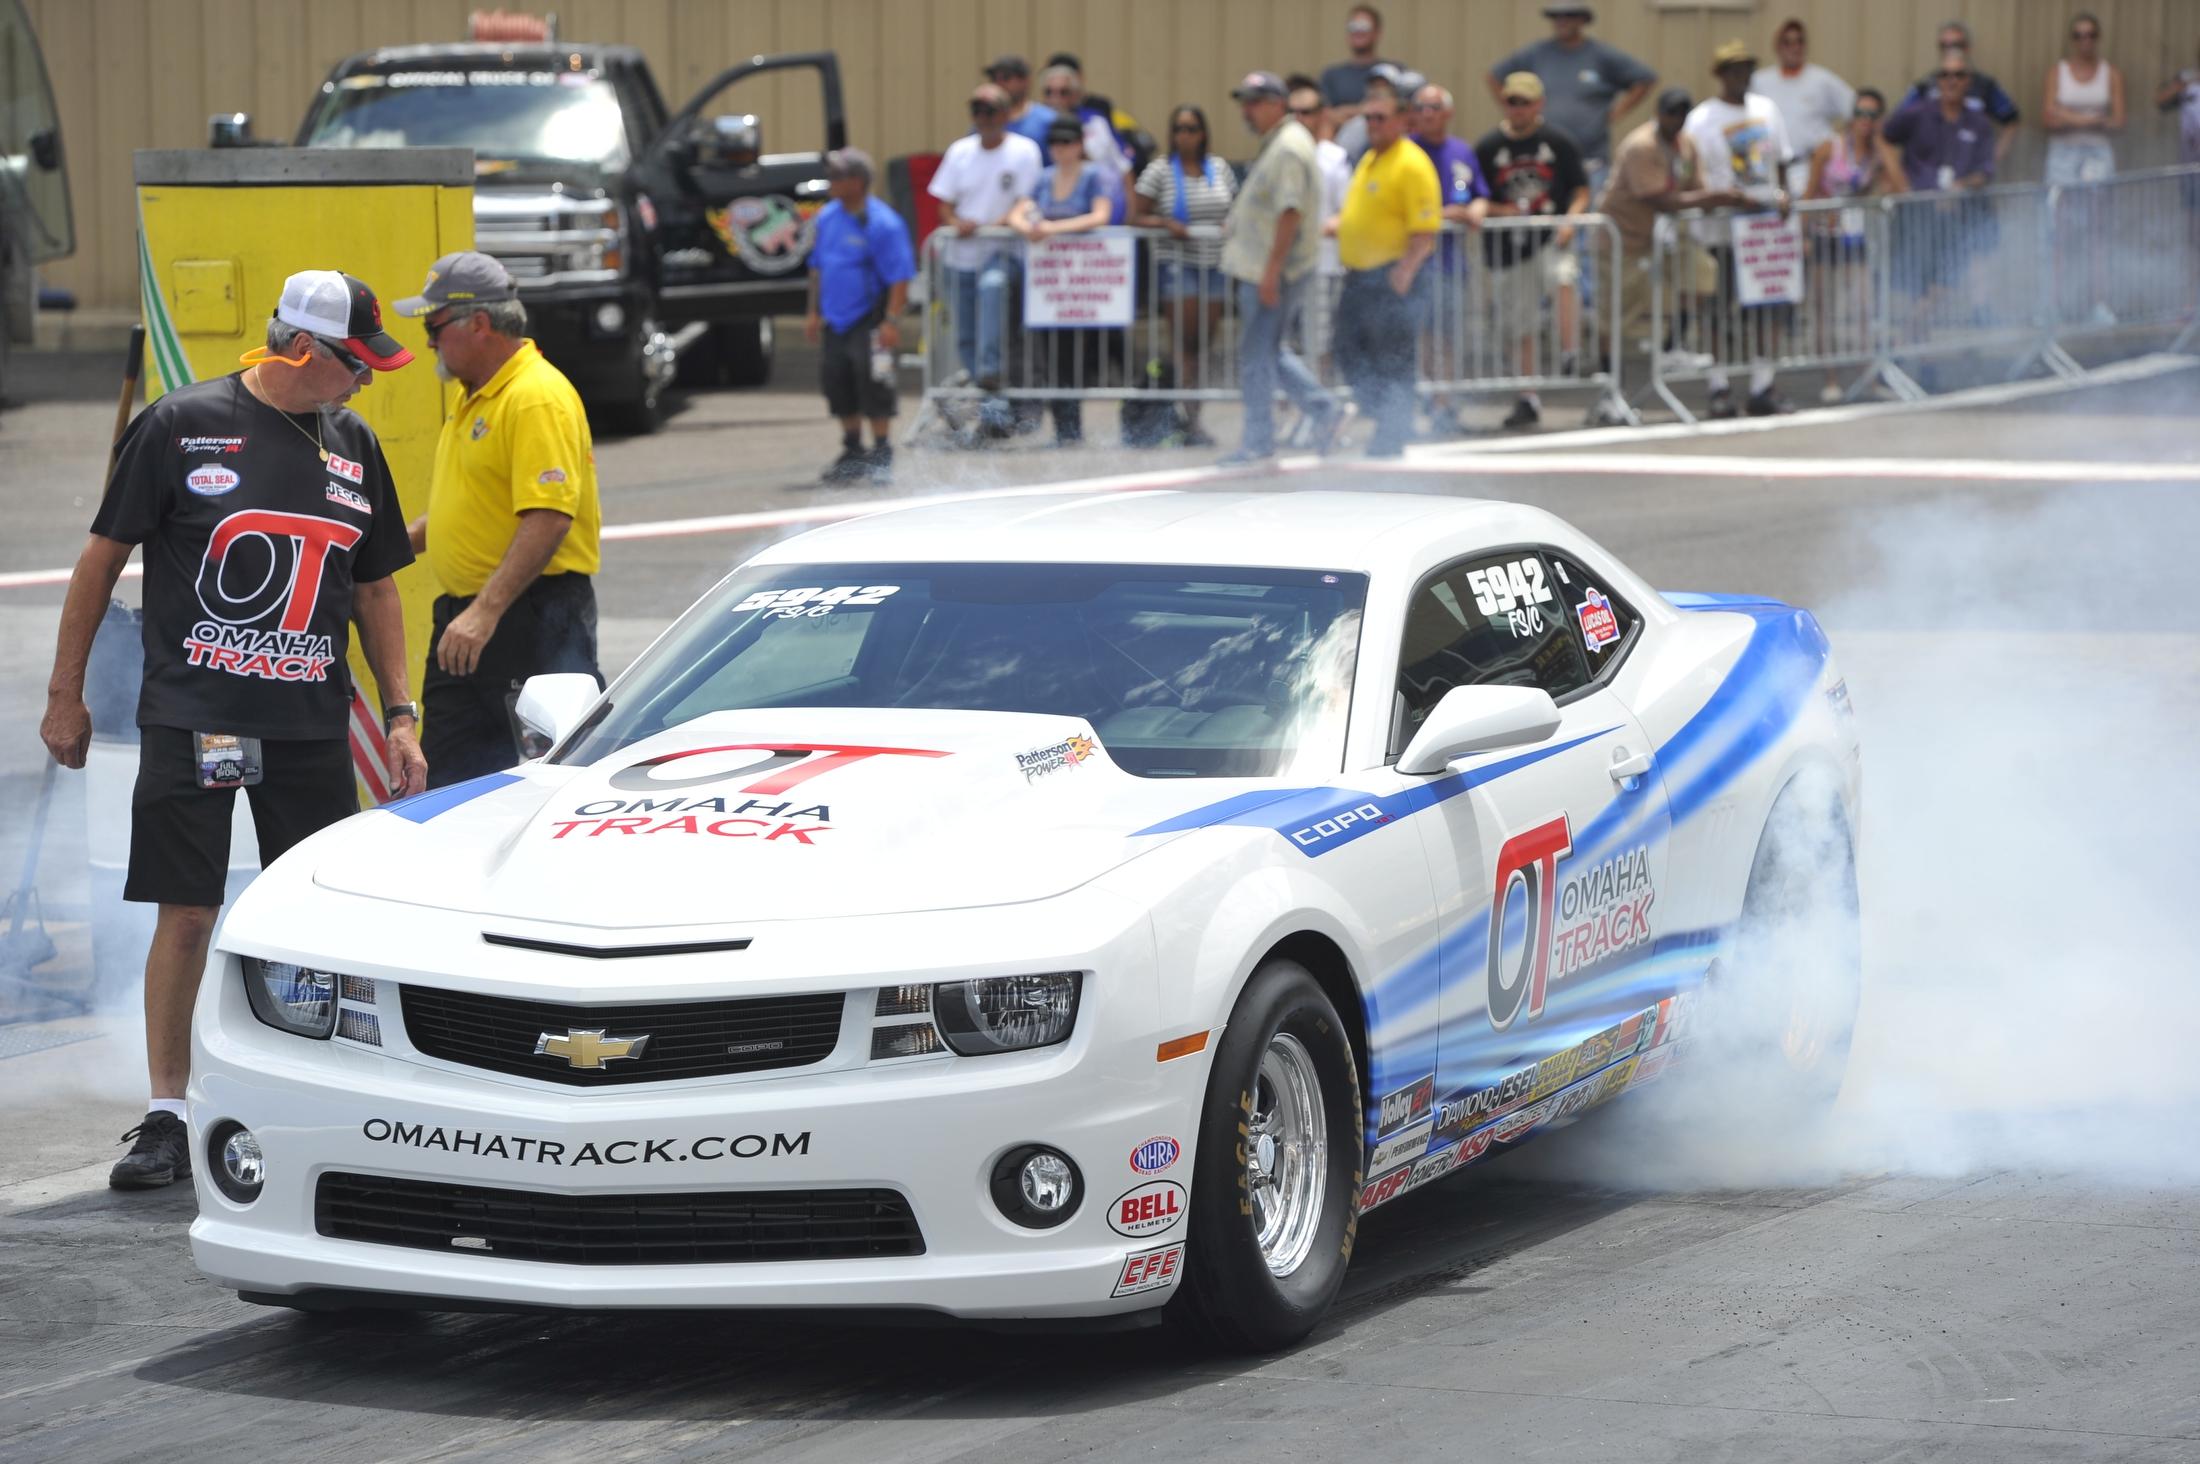 OT Racing 1